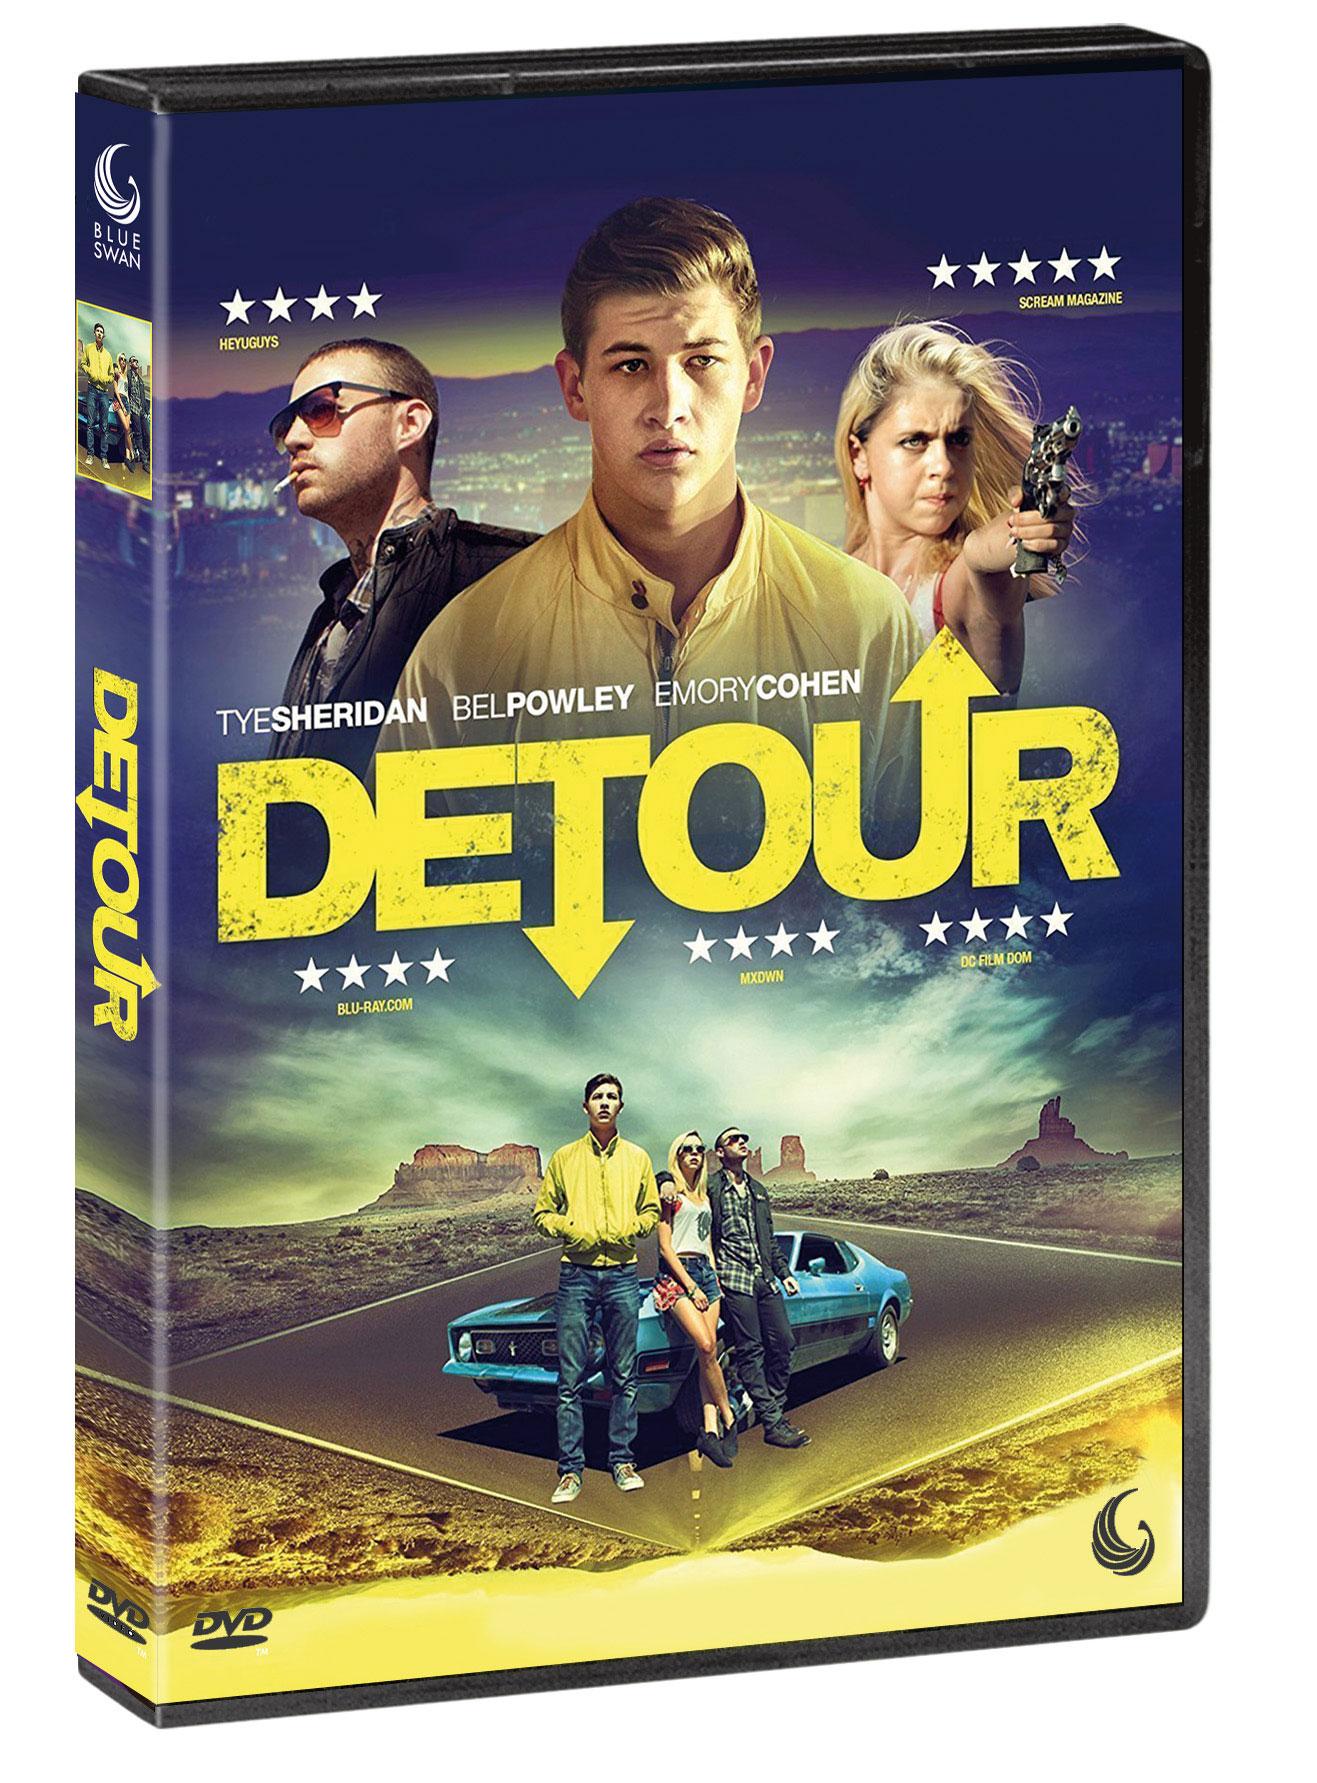 DETOUR - FUORI CONTROLLO (DVD)